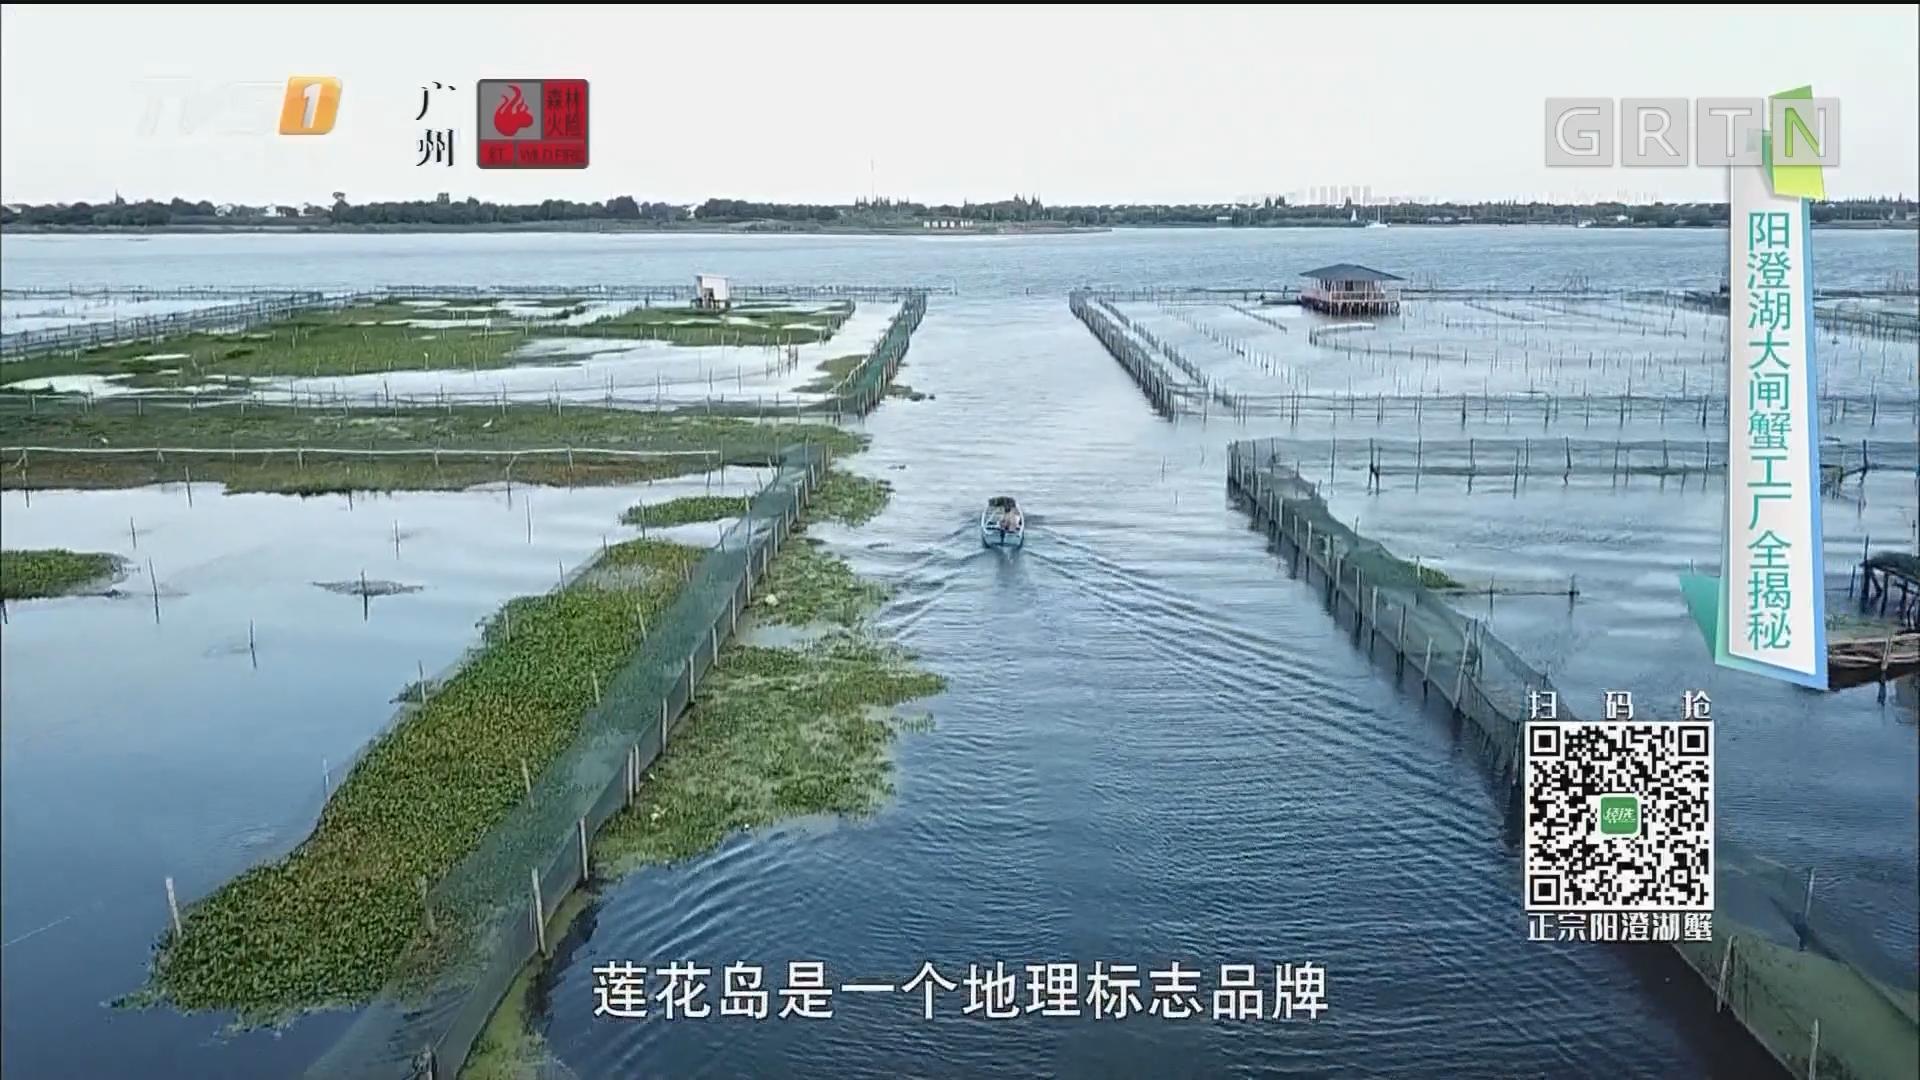 阳澄湖大闸蟹工厂全揭秘